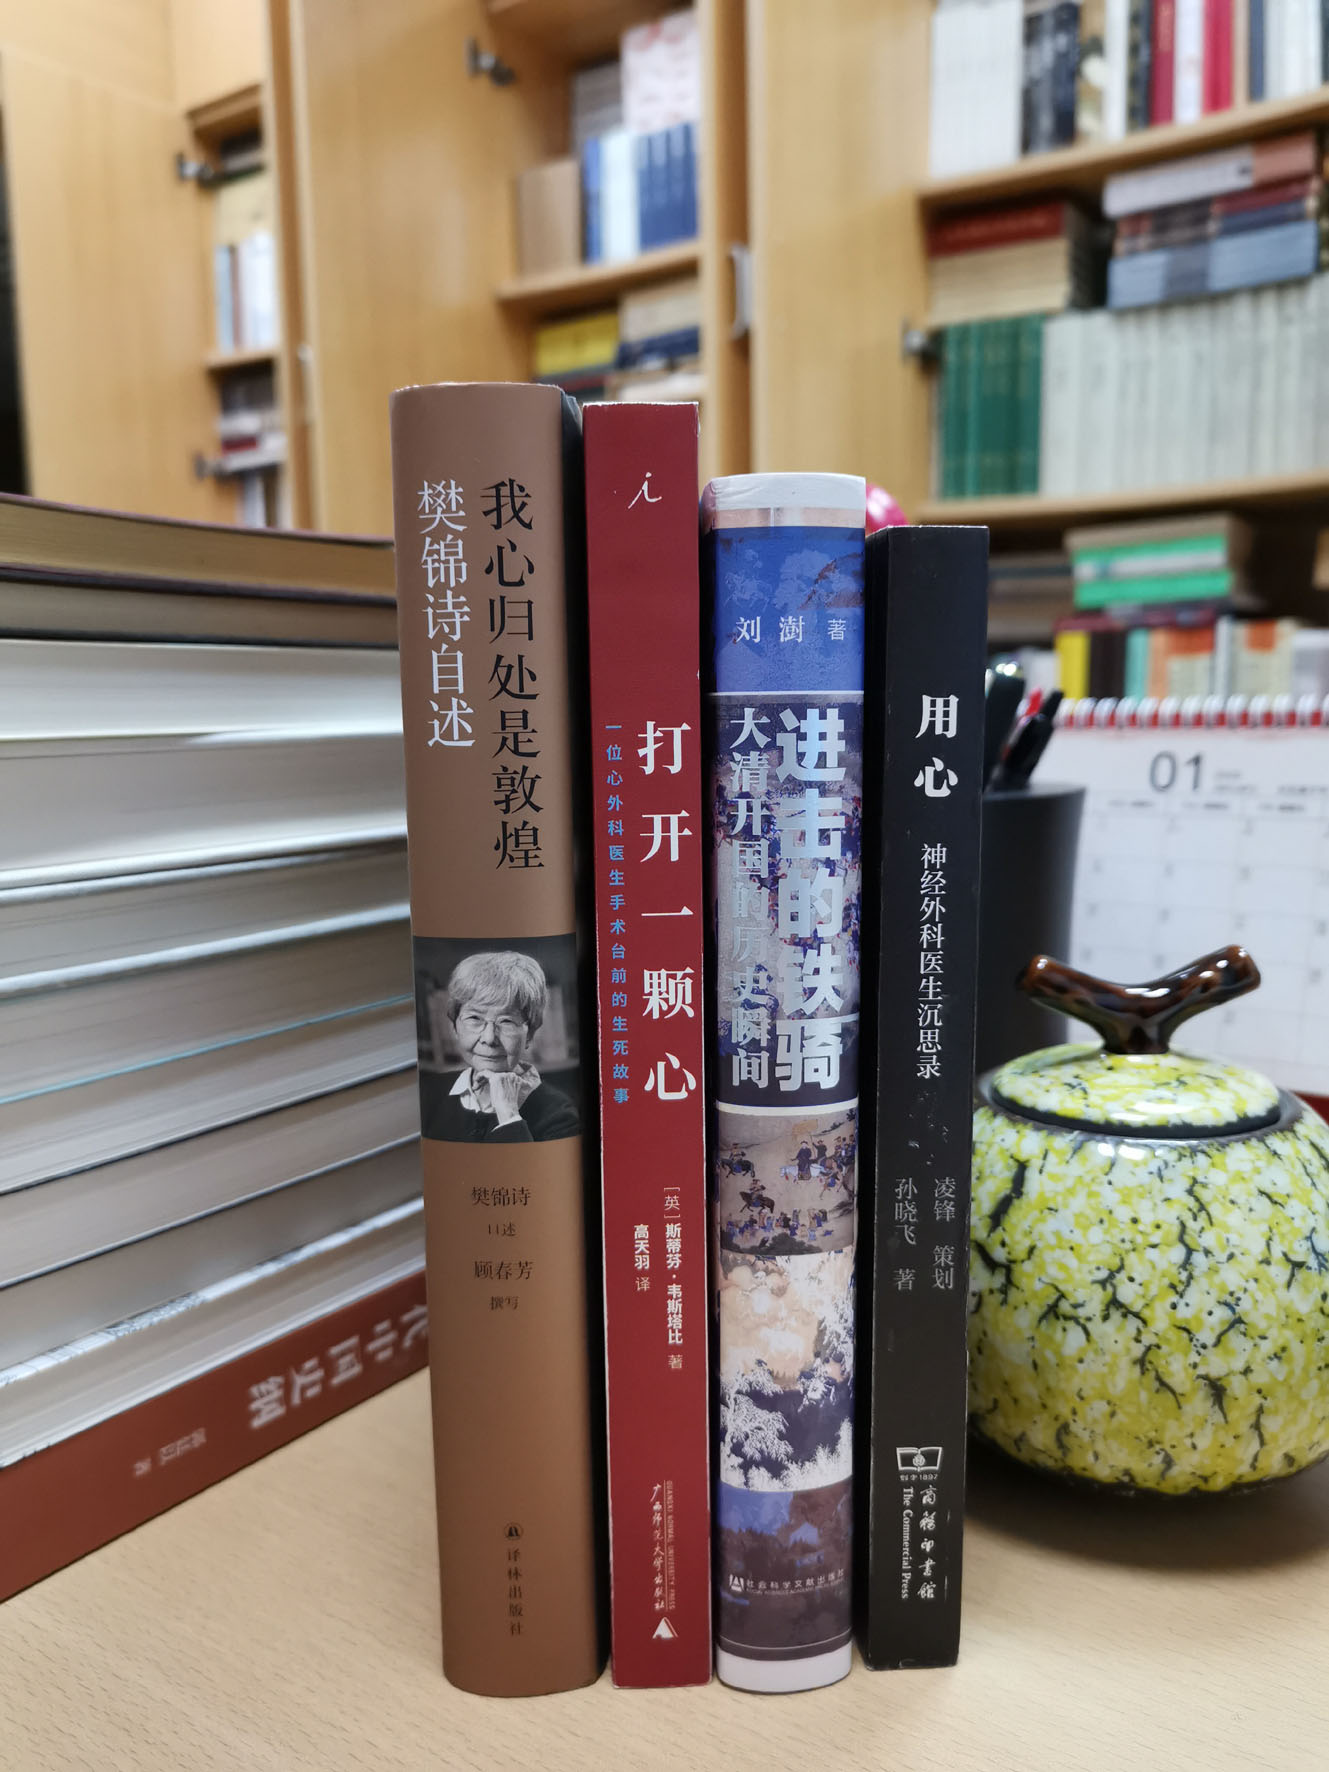 生活需要读几本好书